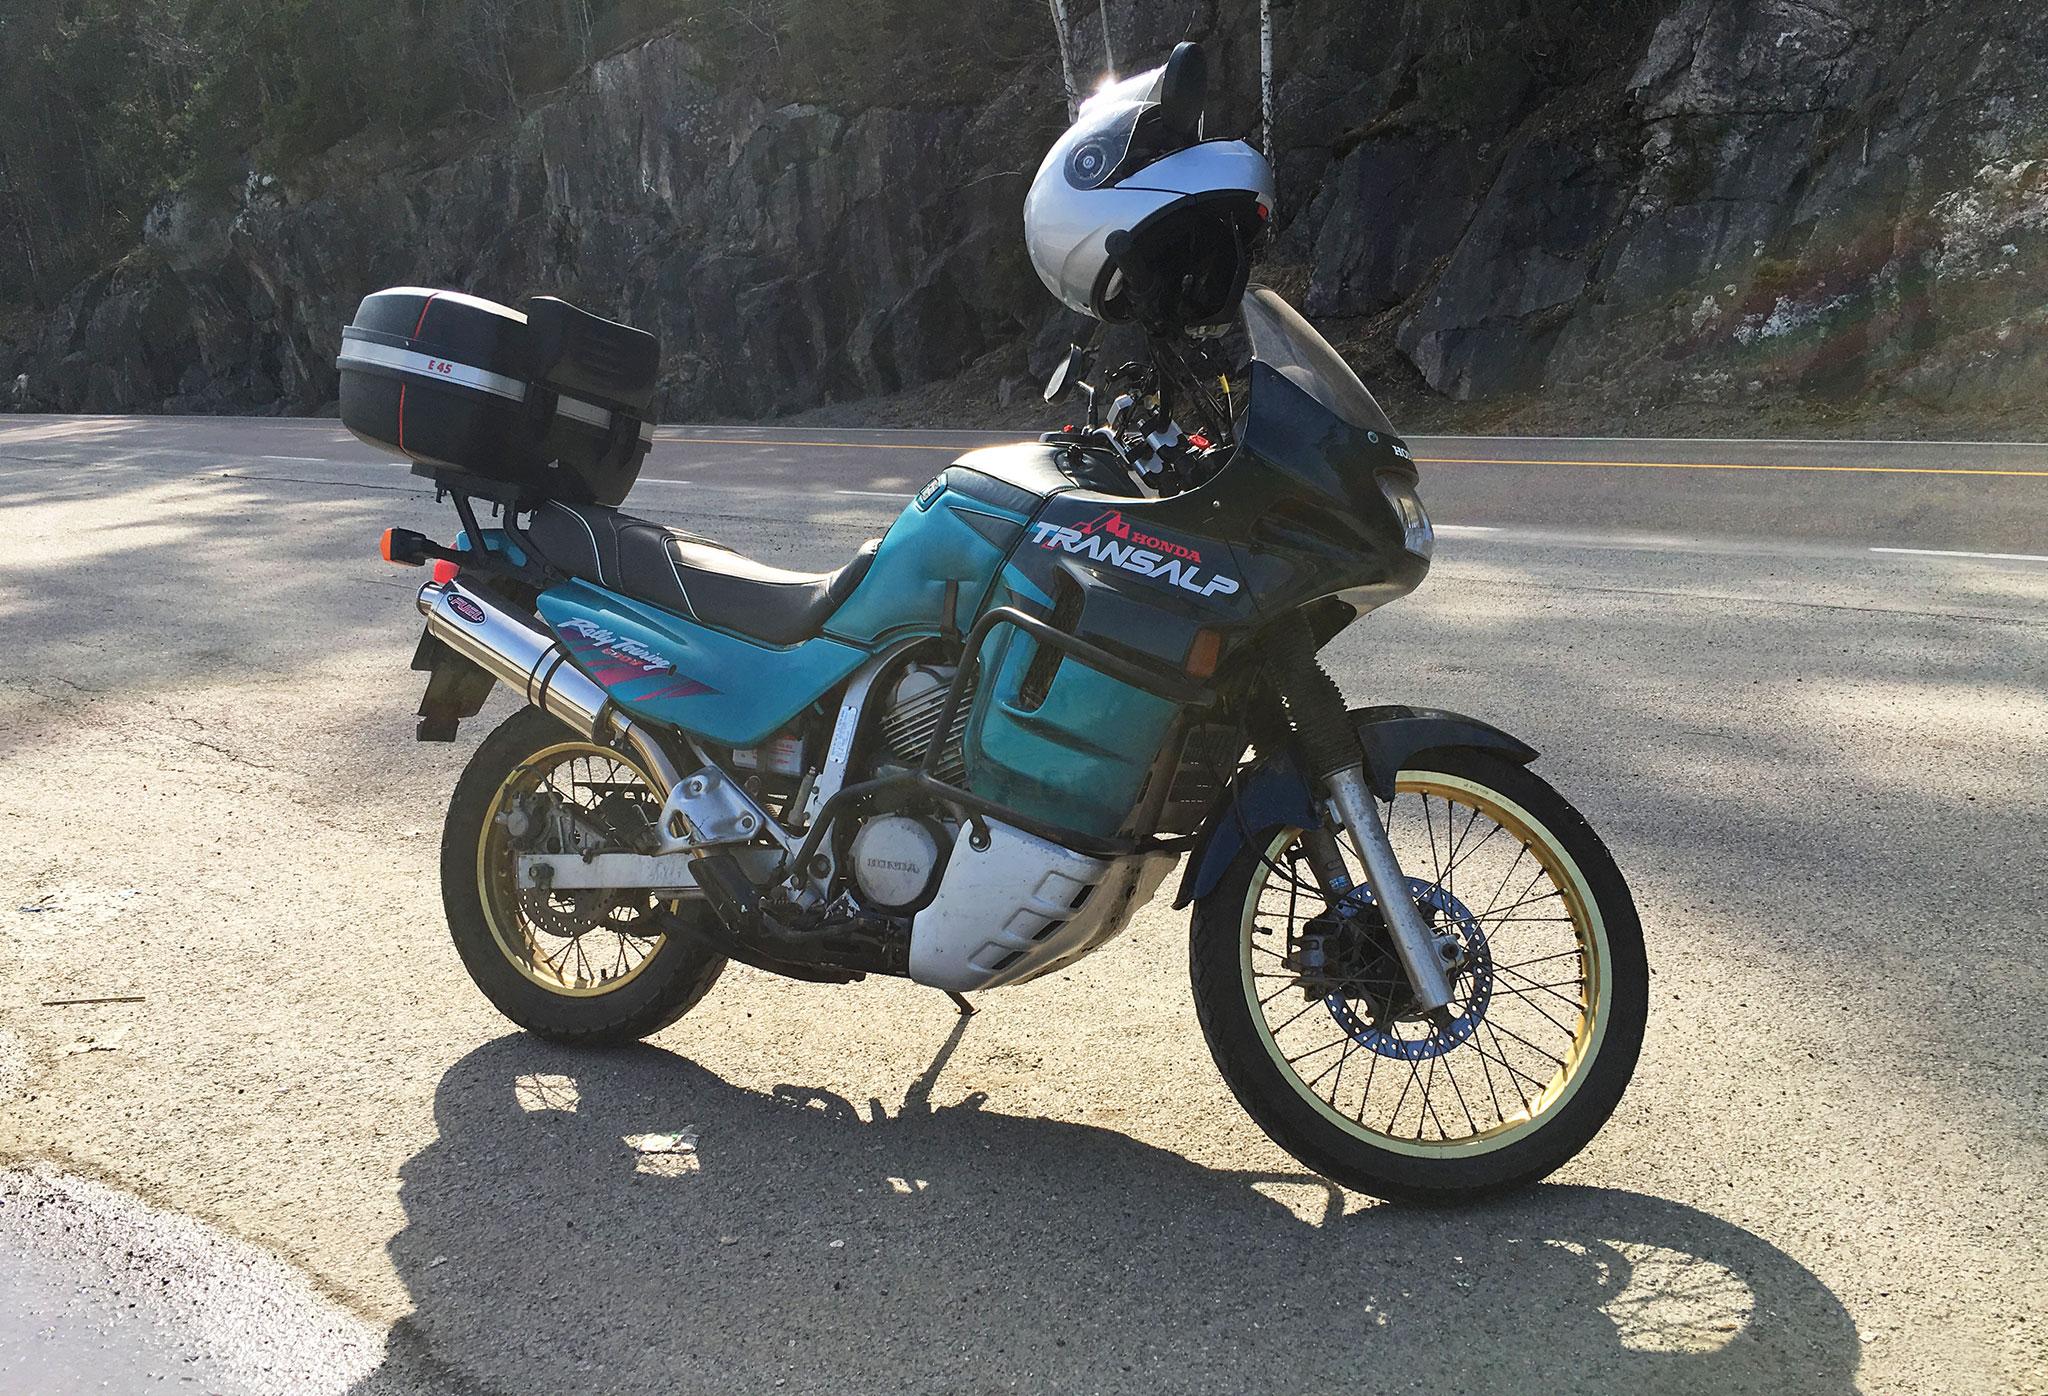 Honda XL600V Transalp first ride 2018